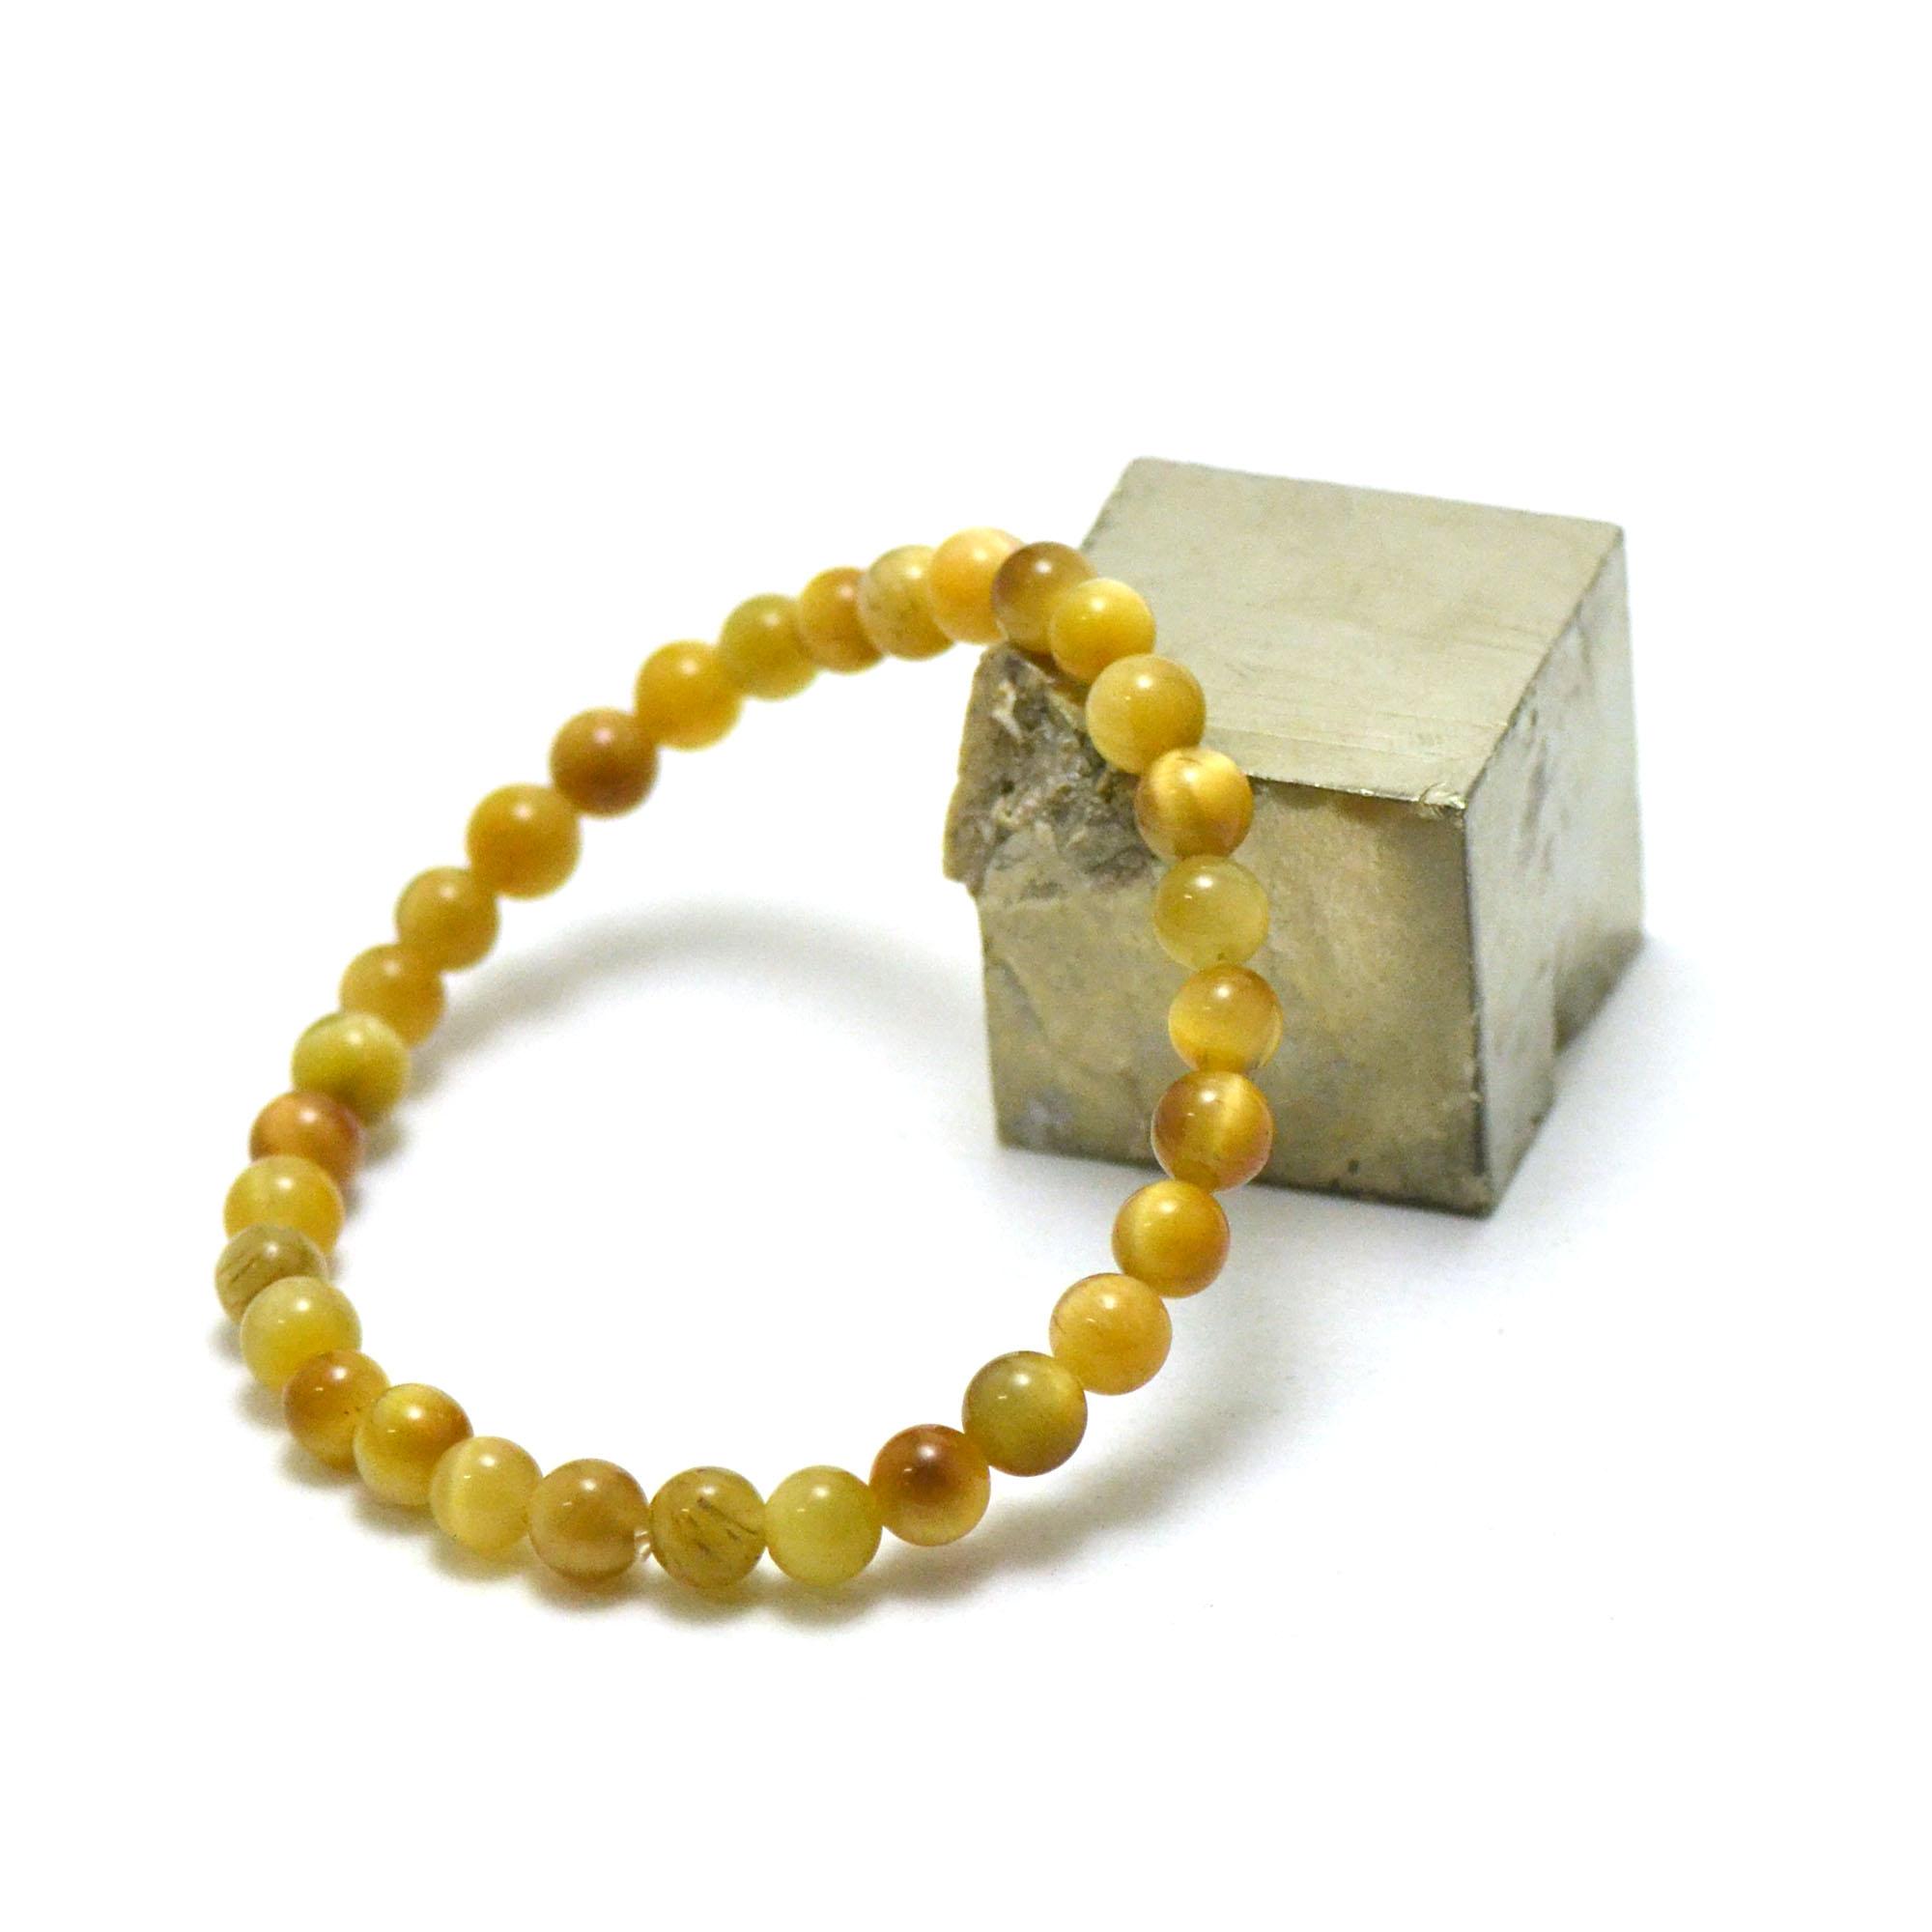 bracelet oeil de tigre doré, perle ronde 6 mm